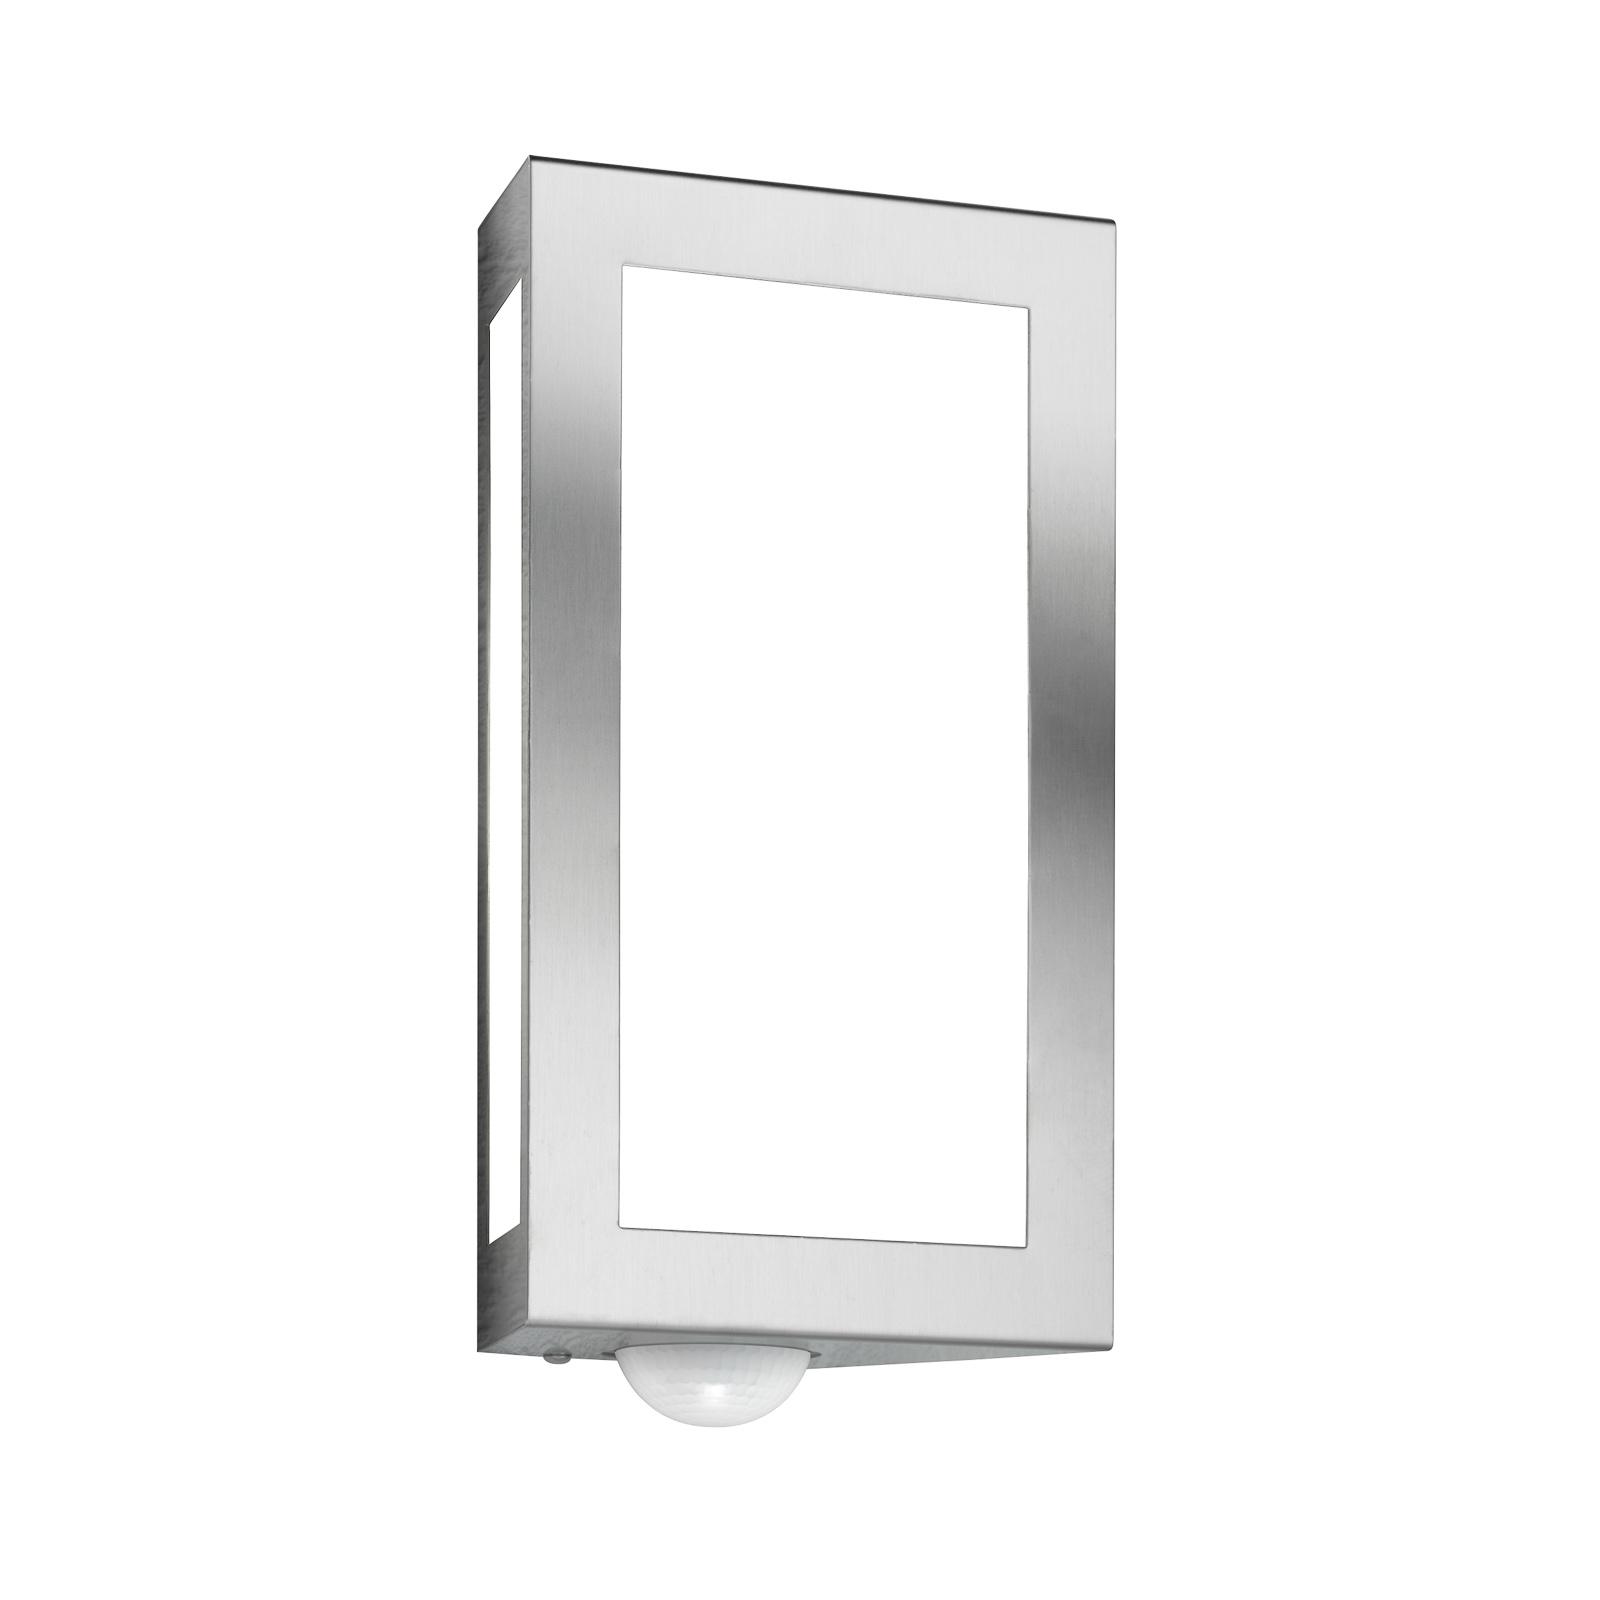 Außenwandlampe Long aus Edelstahl mit Sensor